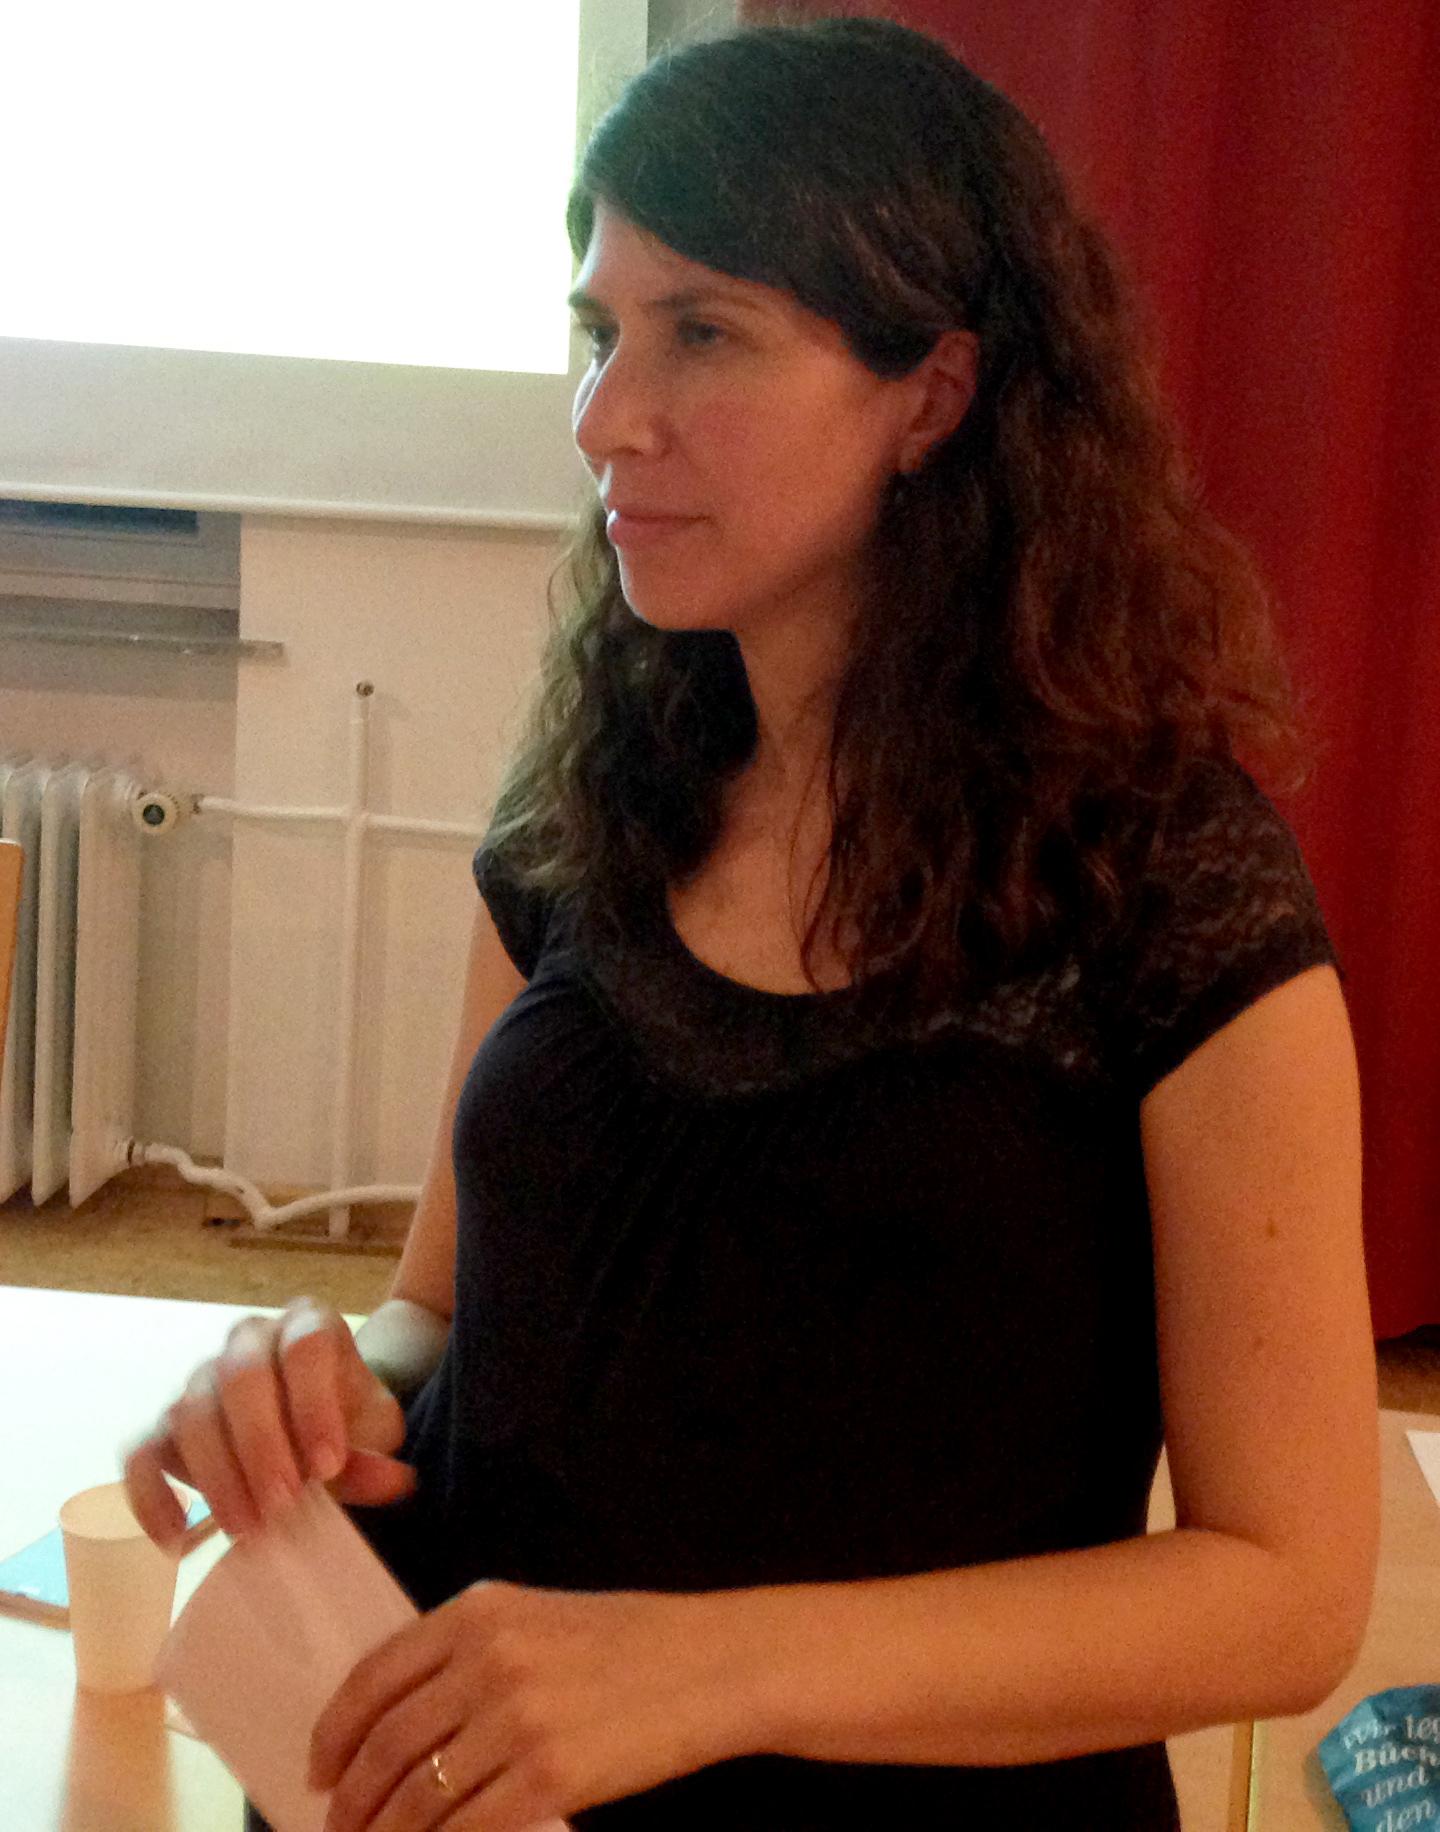 08.10.18. Samar Khoury Haberstroh berichtet bei der offenen Bürgerversammlung über die Erkenntnisse aus ihrer Masterarbeit